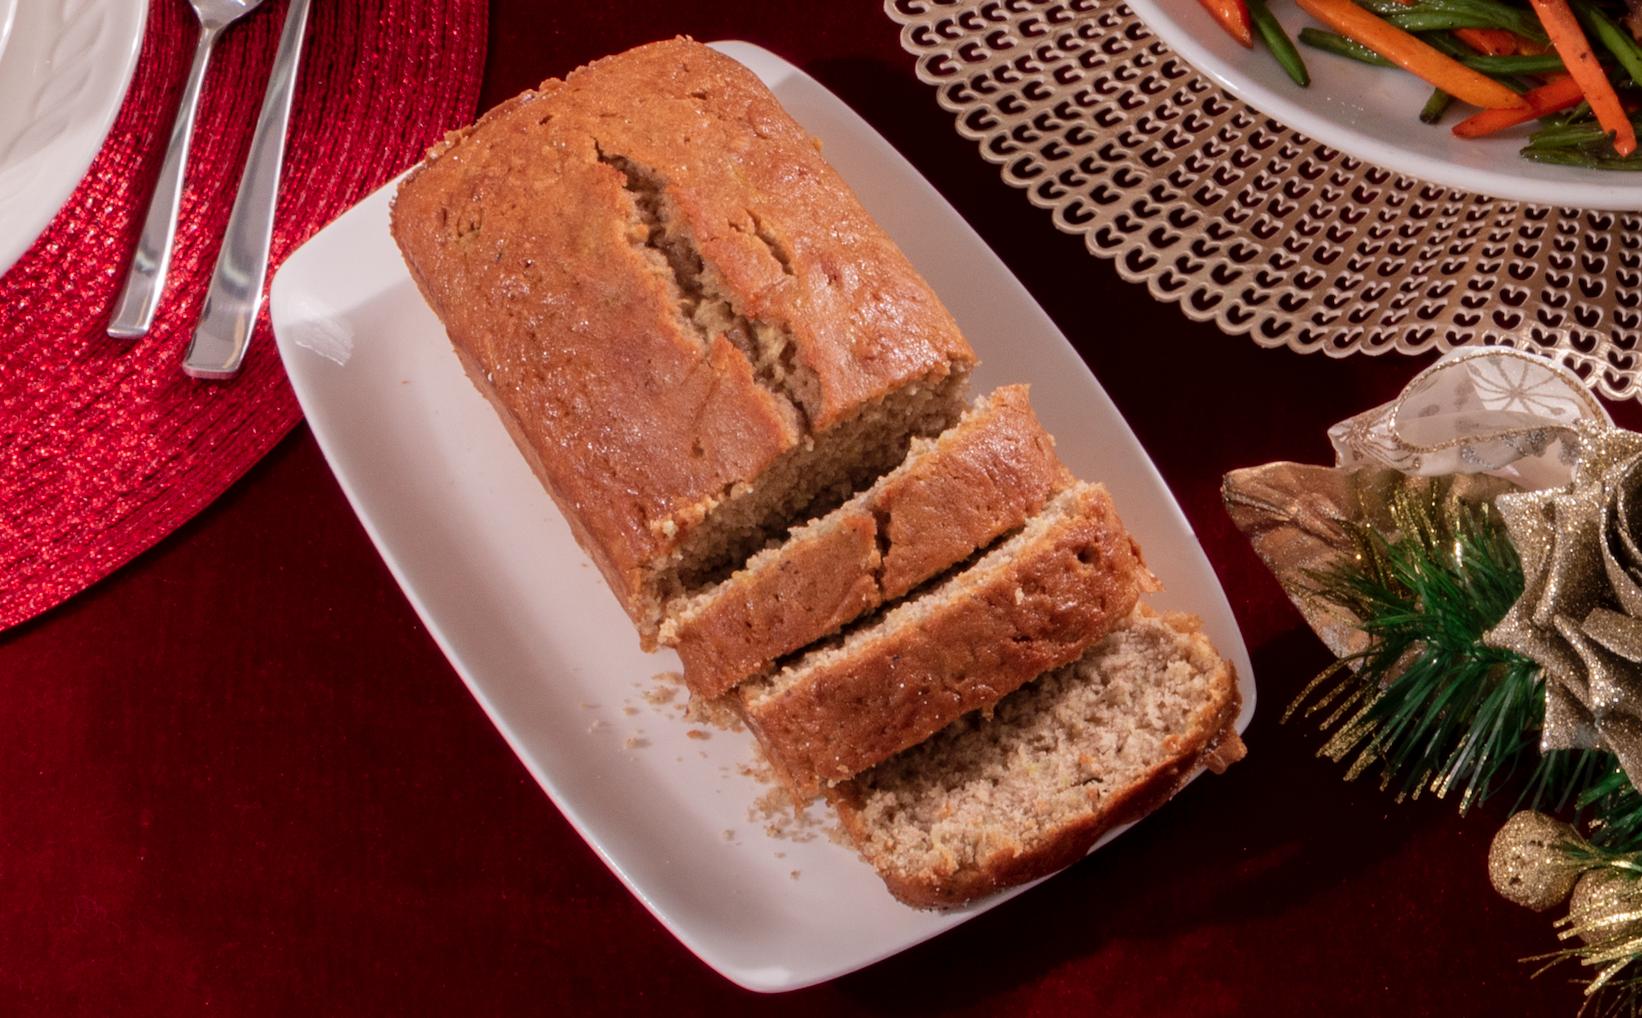 nolisoli alternative noche buena spread sayote bread feed 5000 kitchen studio